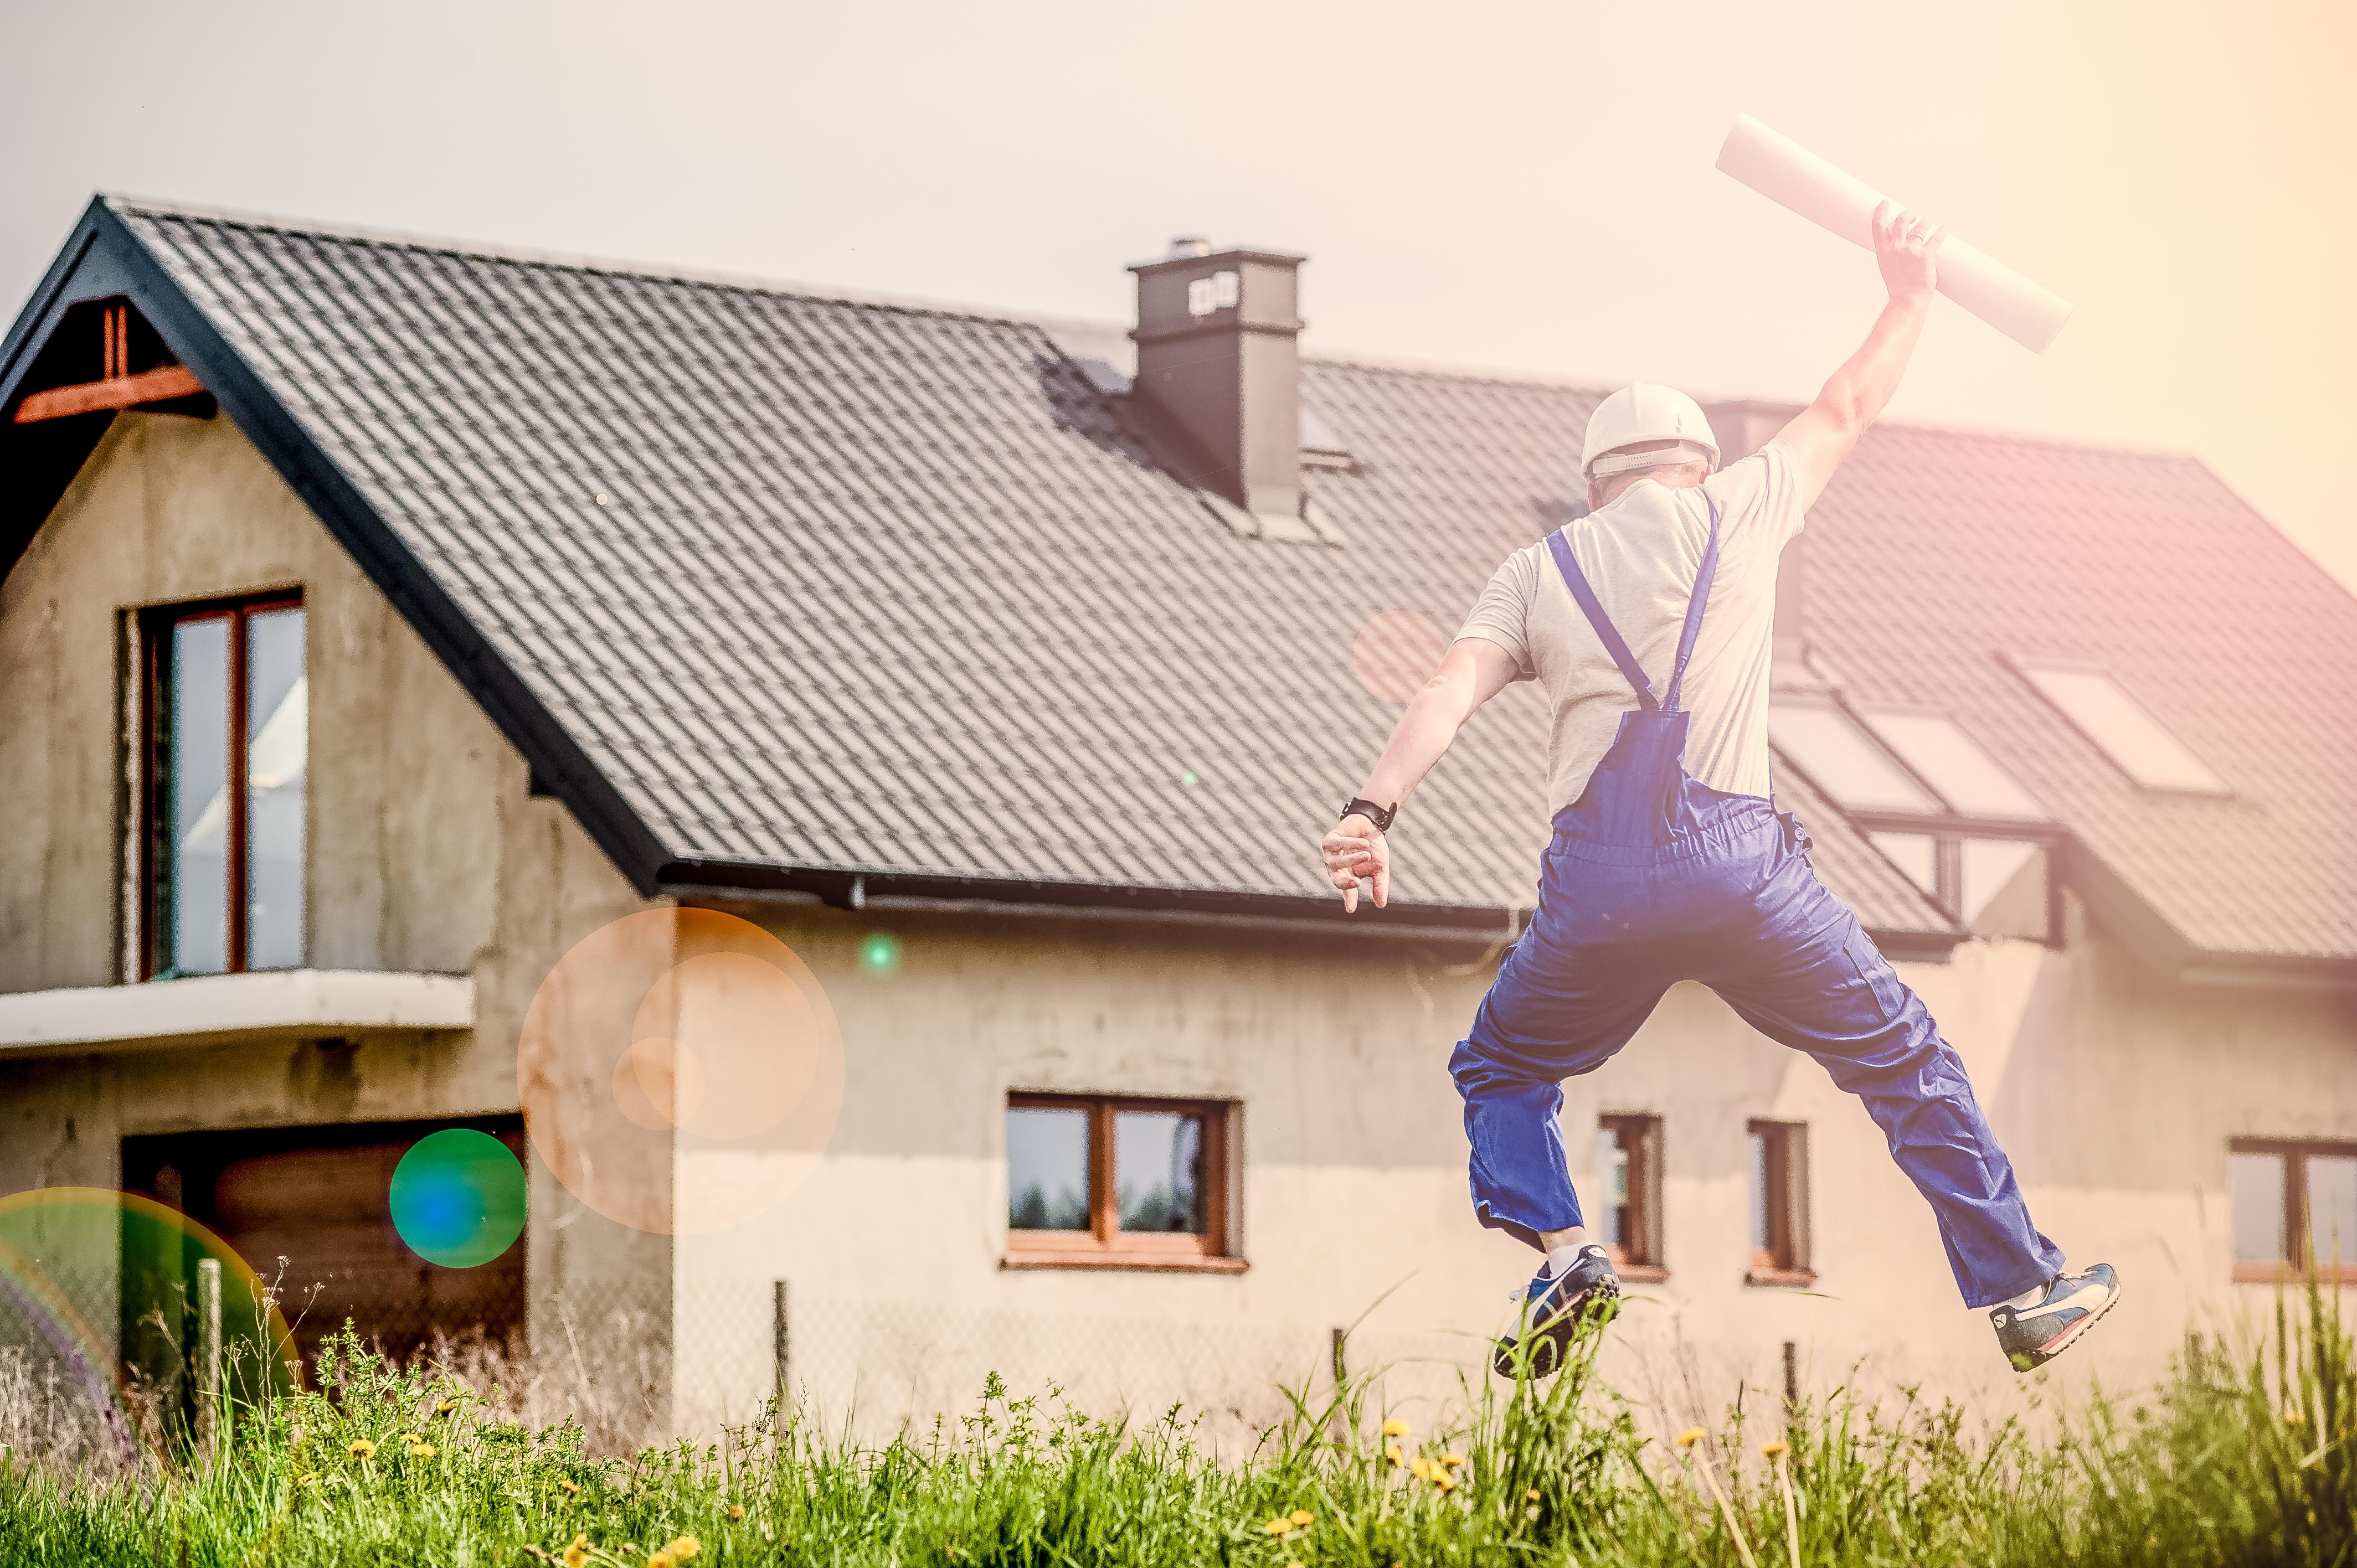 Recrutement dans la construction : 5 questions fréquemment posées